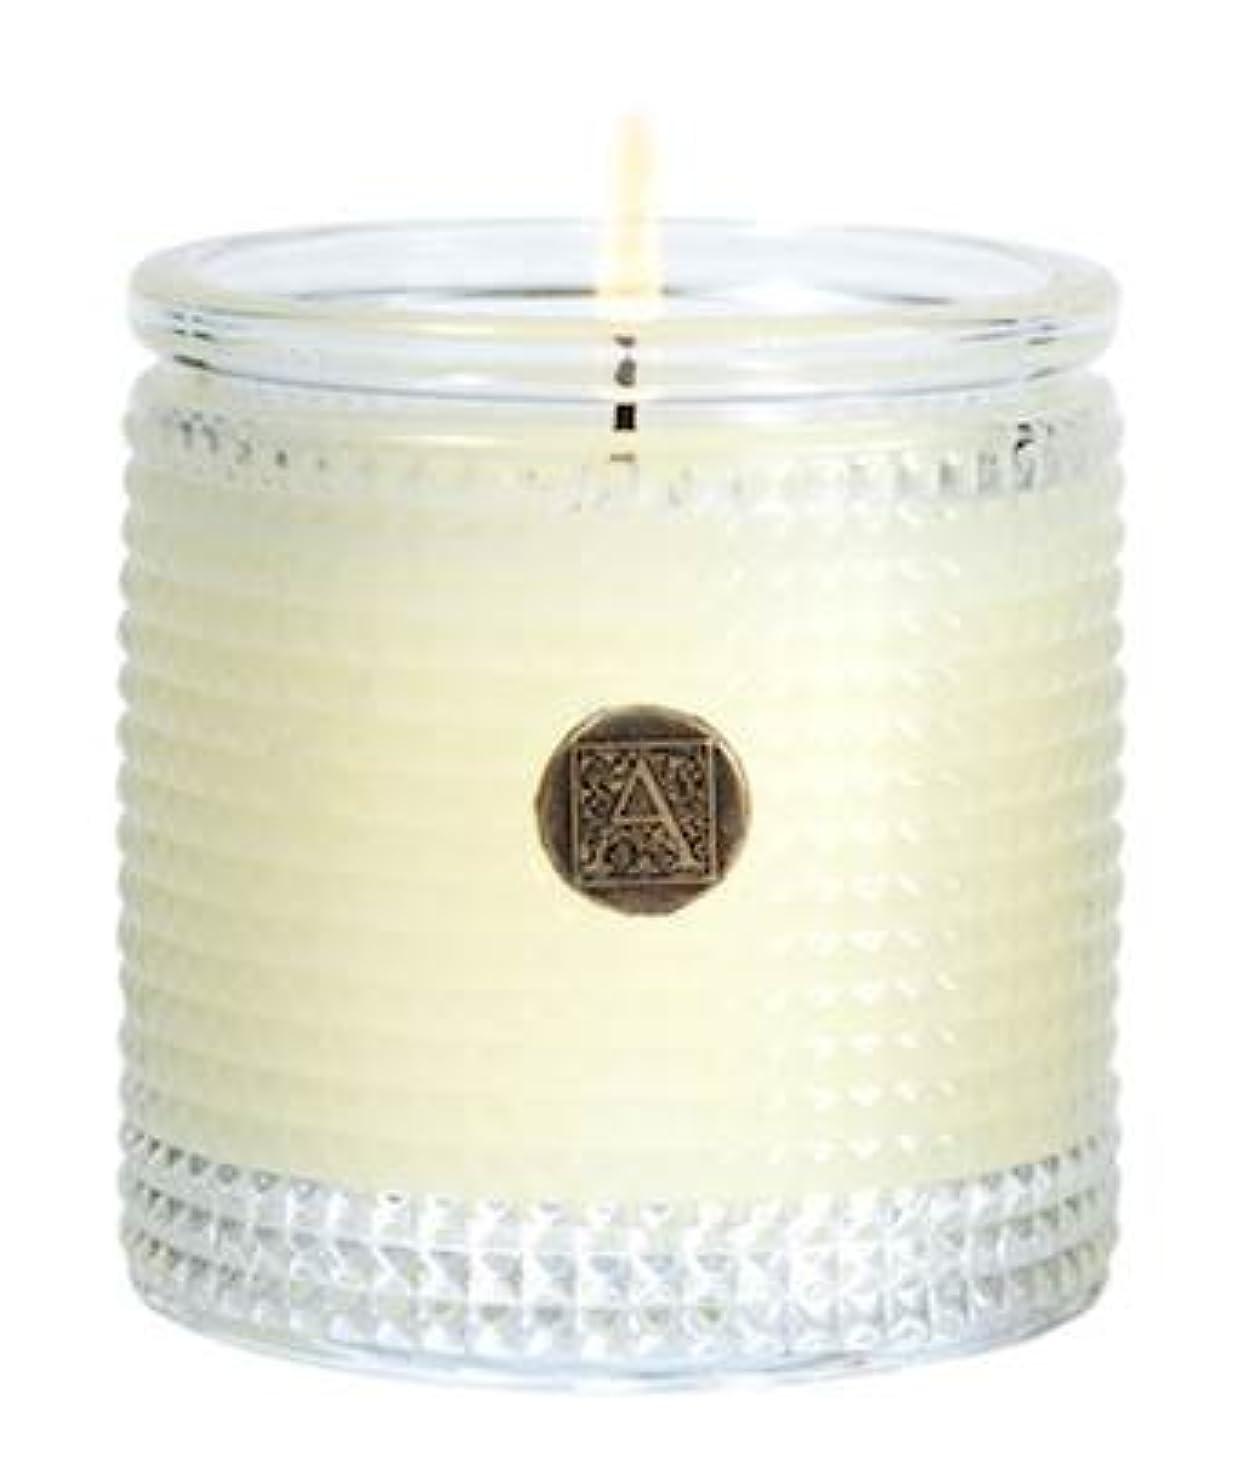 シャイ徹底合体Aromatique 5.5 Oz Candle inオレンジand Evergreen